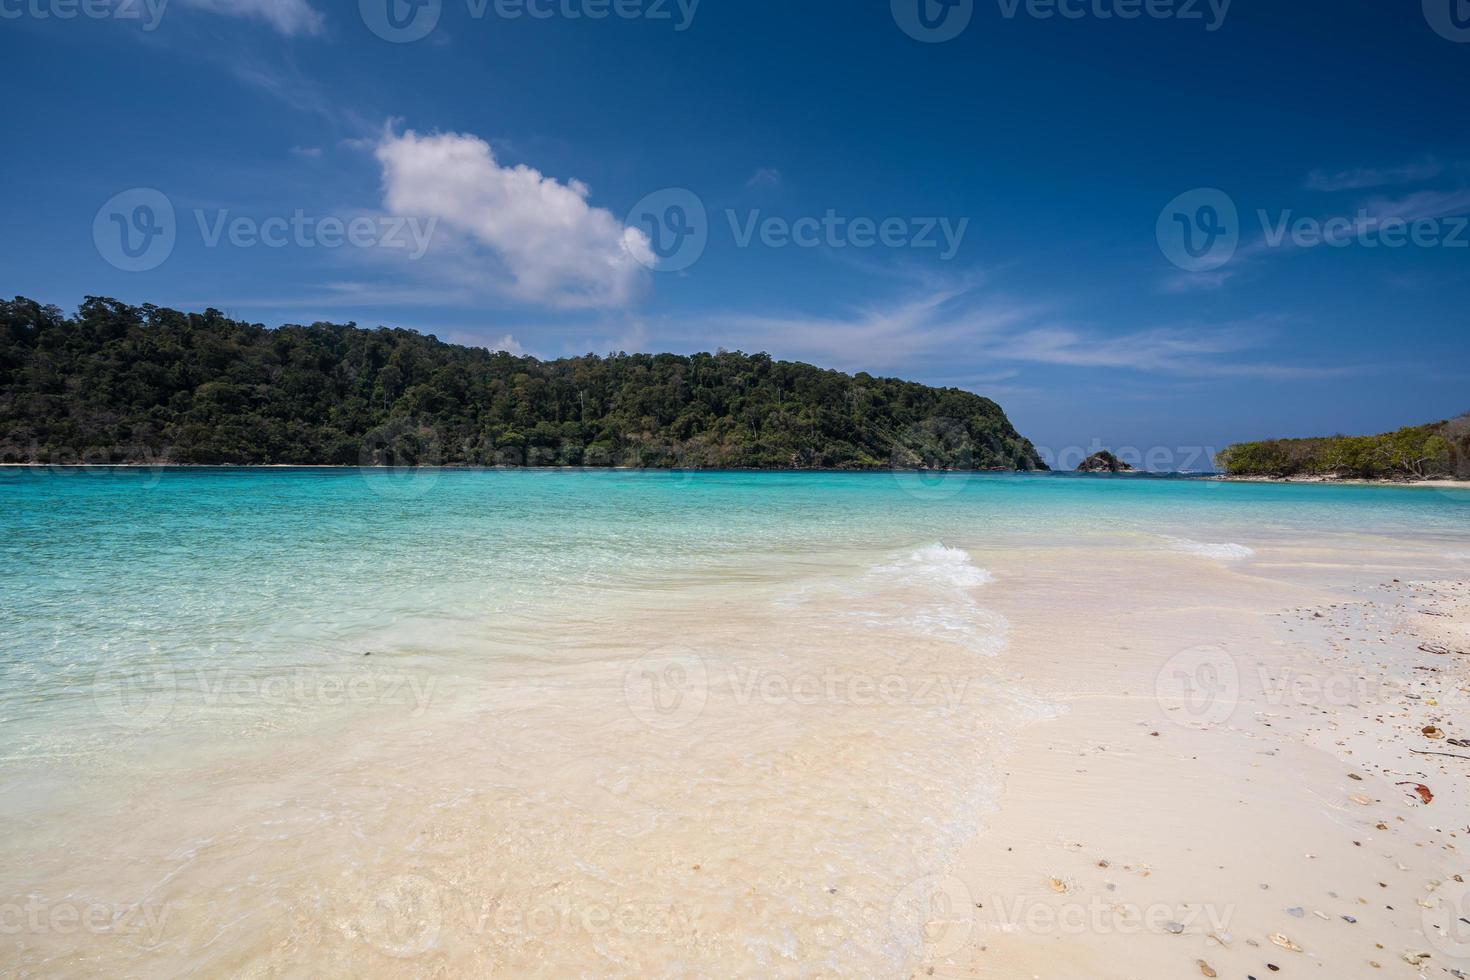 playa de arena blanca con agua azul foto